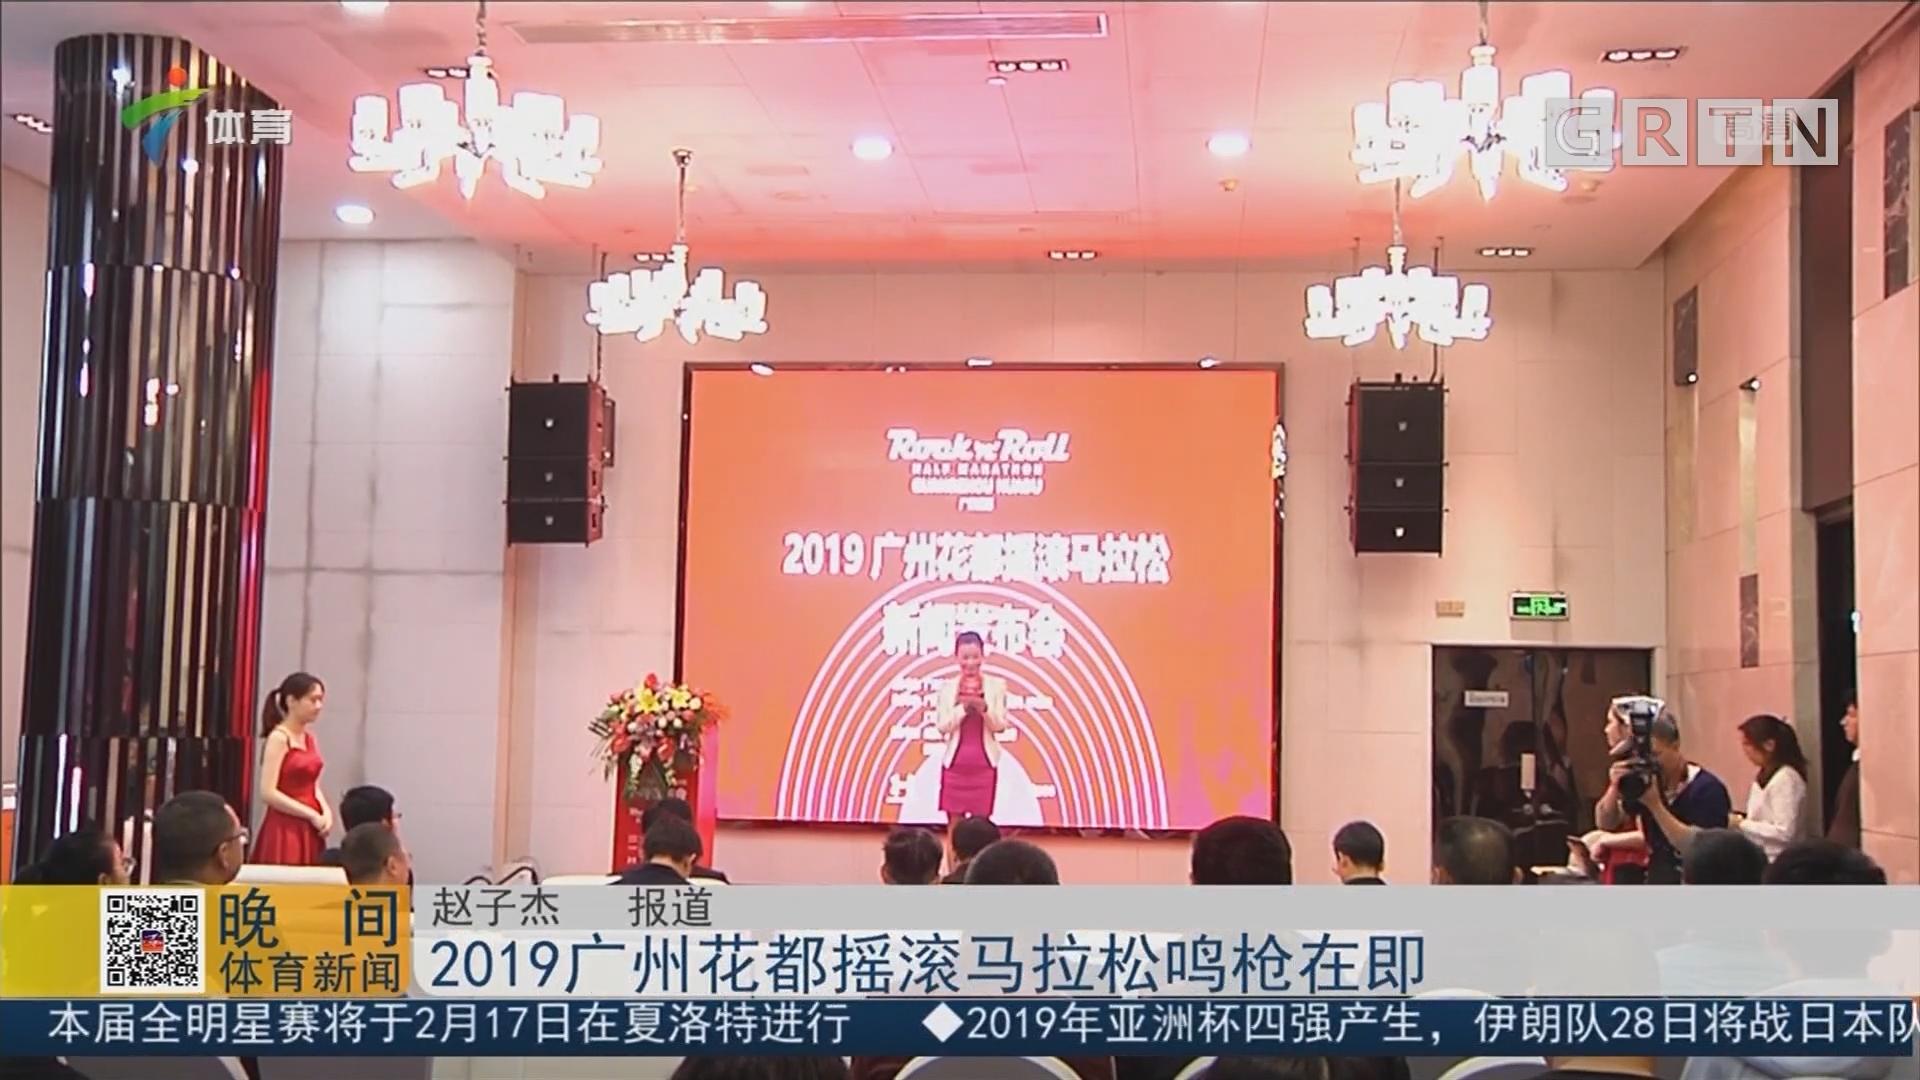 2019广州花都摇滚马拉松鸣枪在即